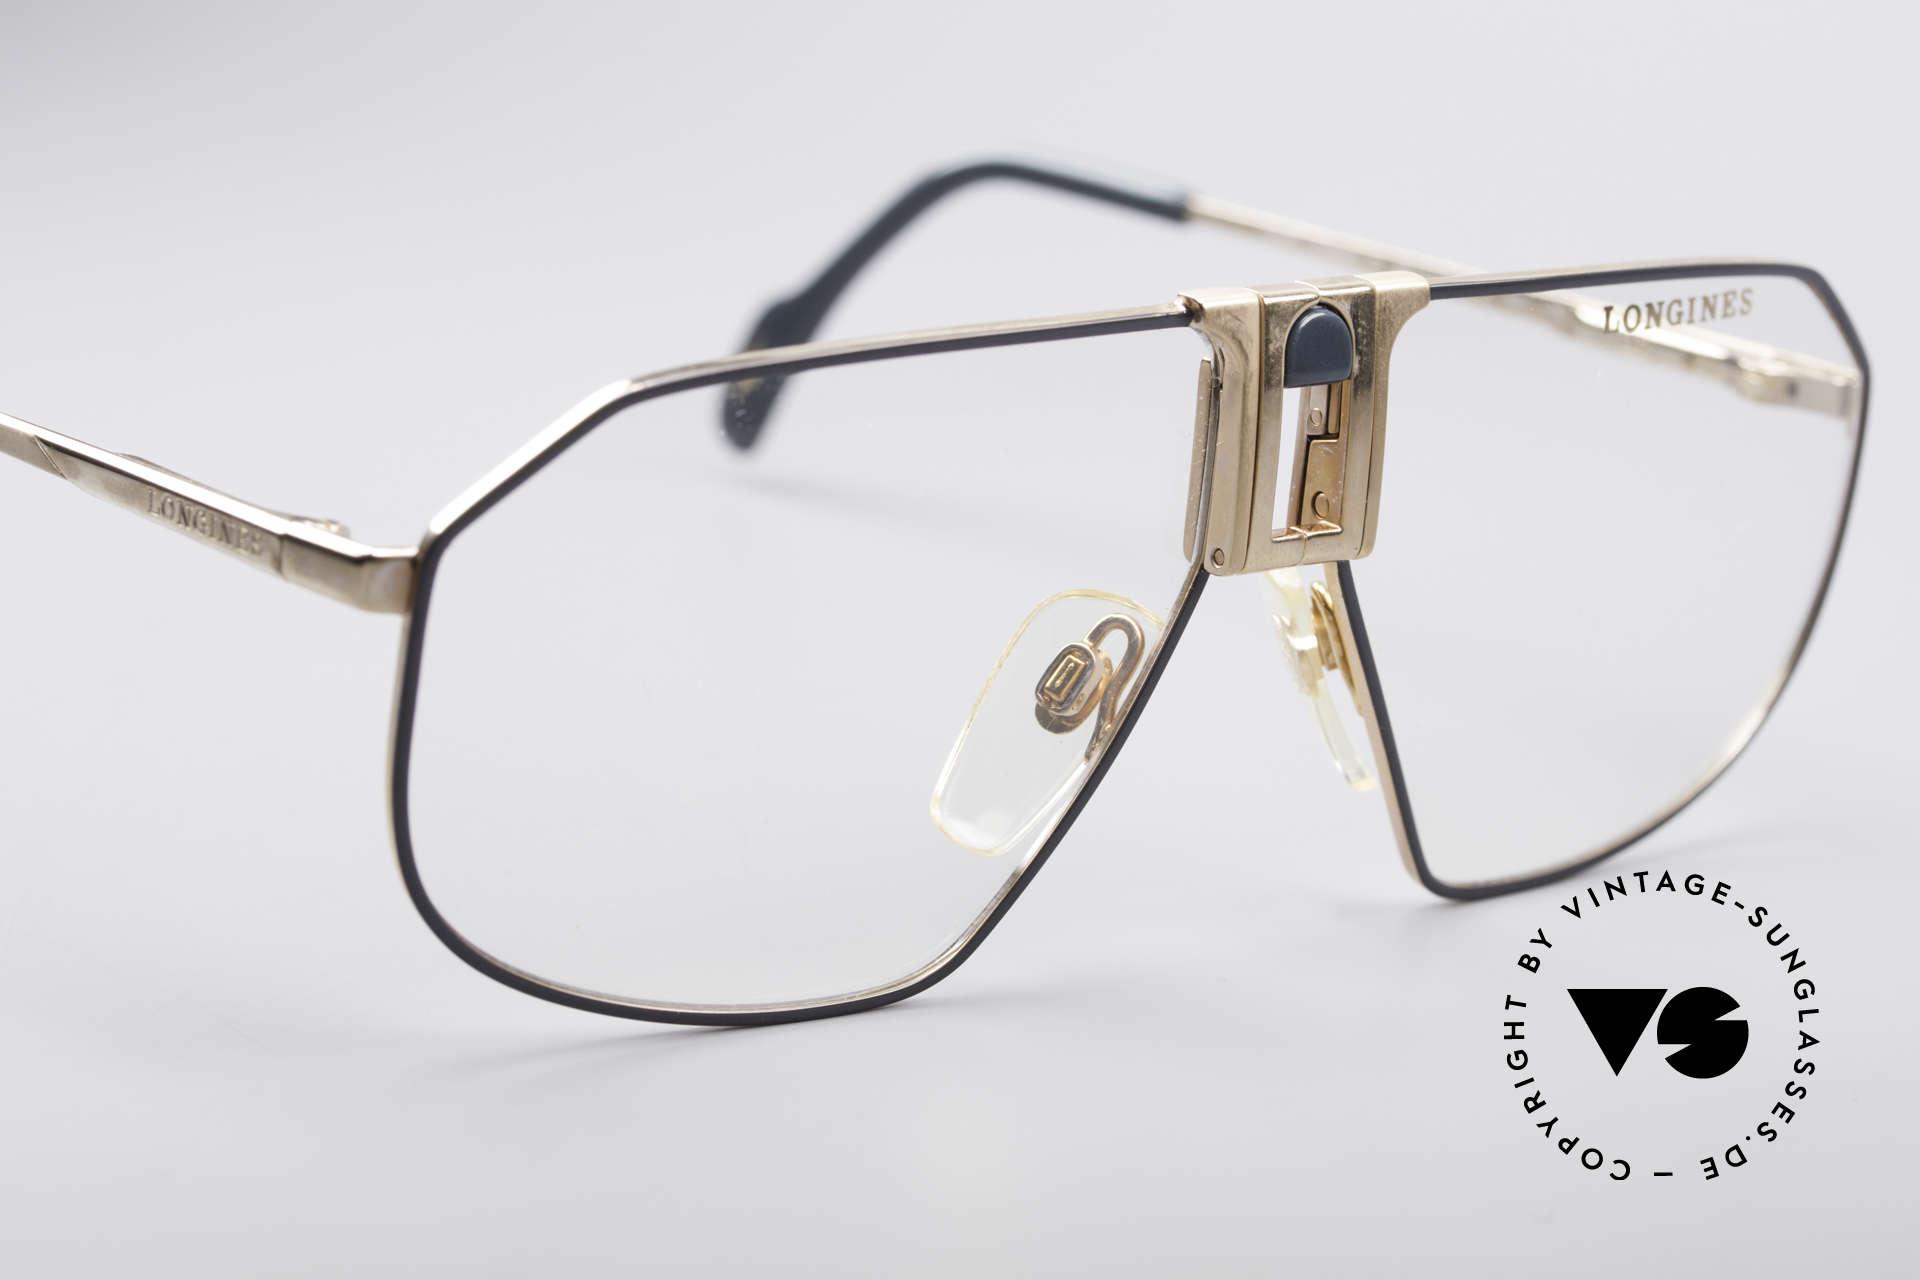 Longines 0153 80er Luxus Herrenbrille, ungetragen (wie alle unsere vintage Designerbrillen), Passend für Herren